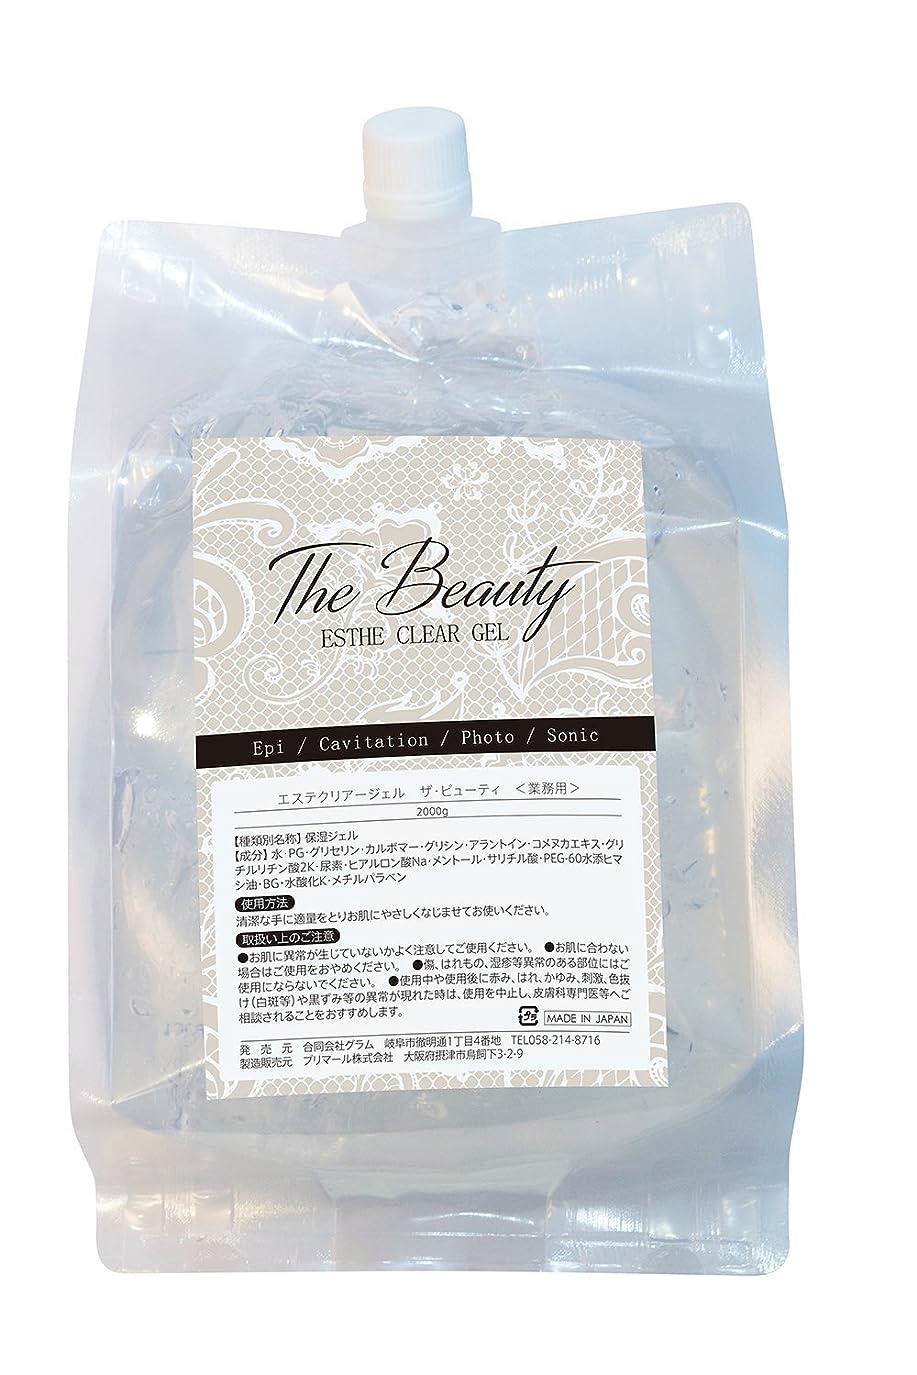 色合いアレルギー曲日本製 クリアージェル/The Beauty ESTHE CLEAR GEL 2kg / 業務用/ボニックジェル?キャビテーション?ソニック?IPL光脱毛?EMS用ジェル